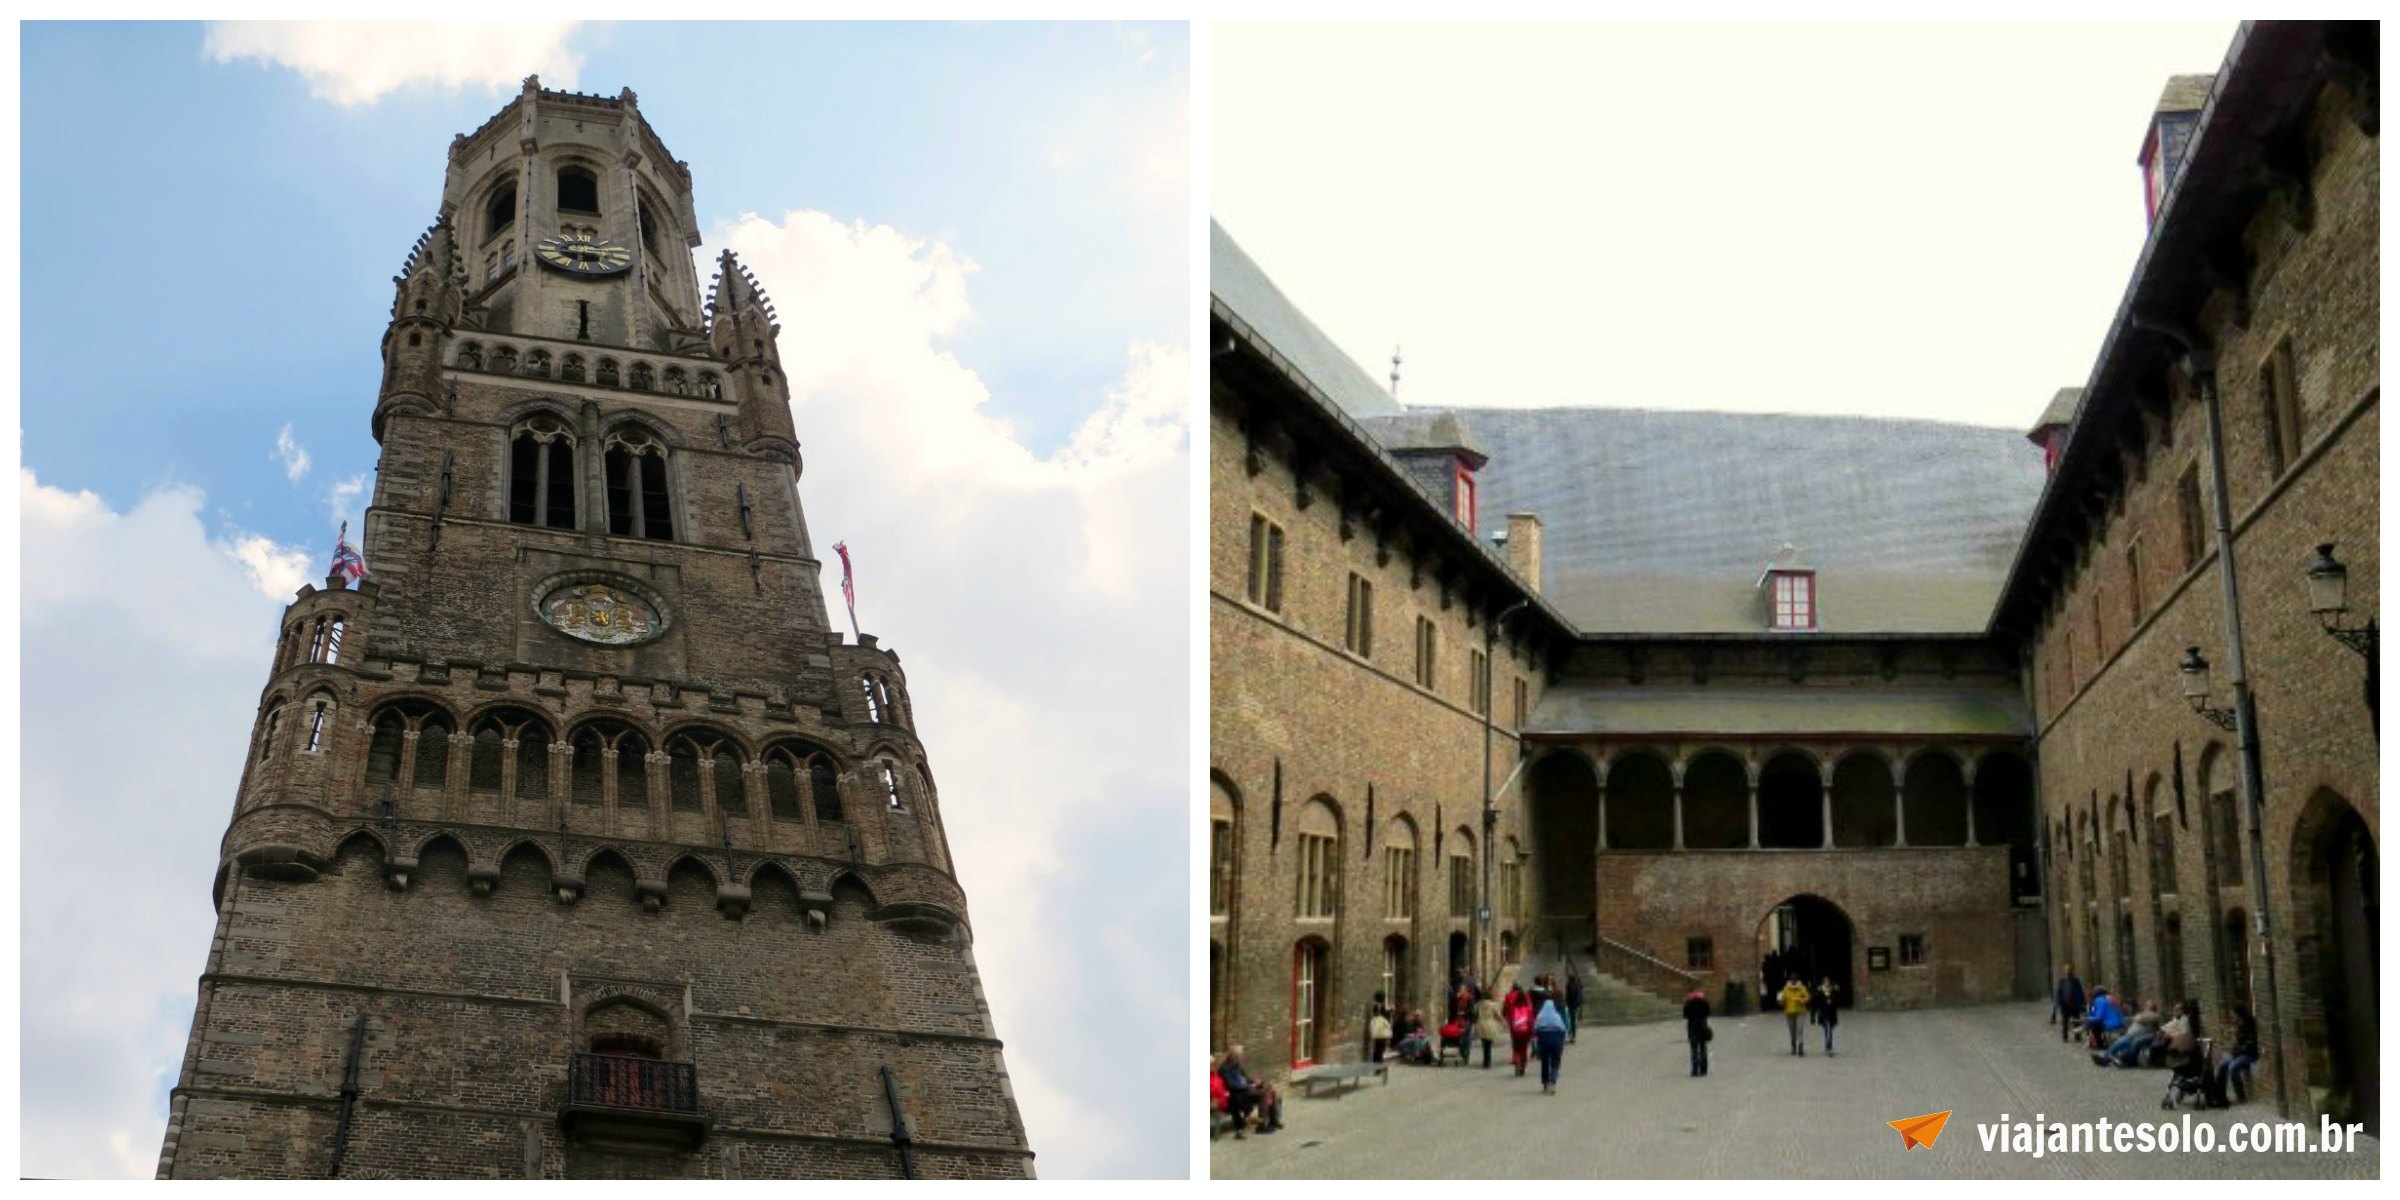 Bruges Belfry | Viajante Solo